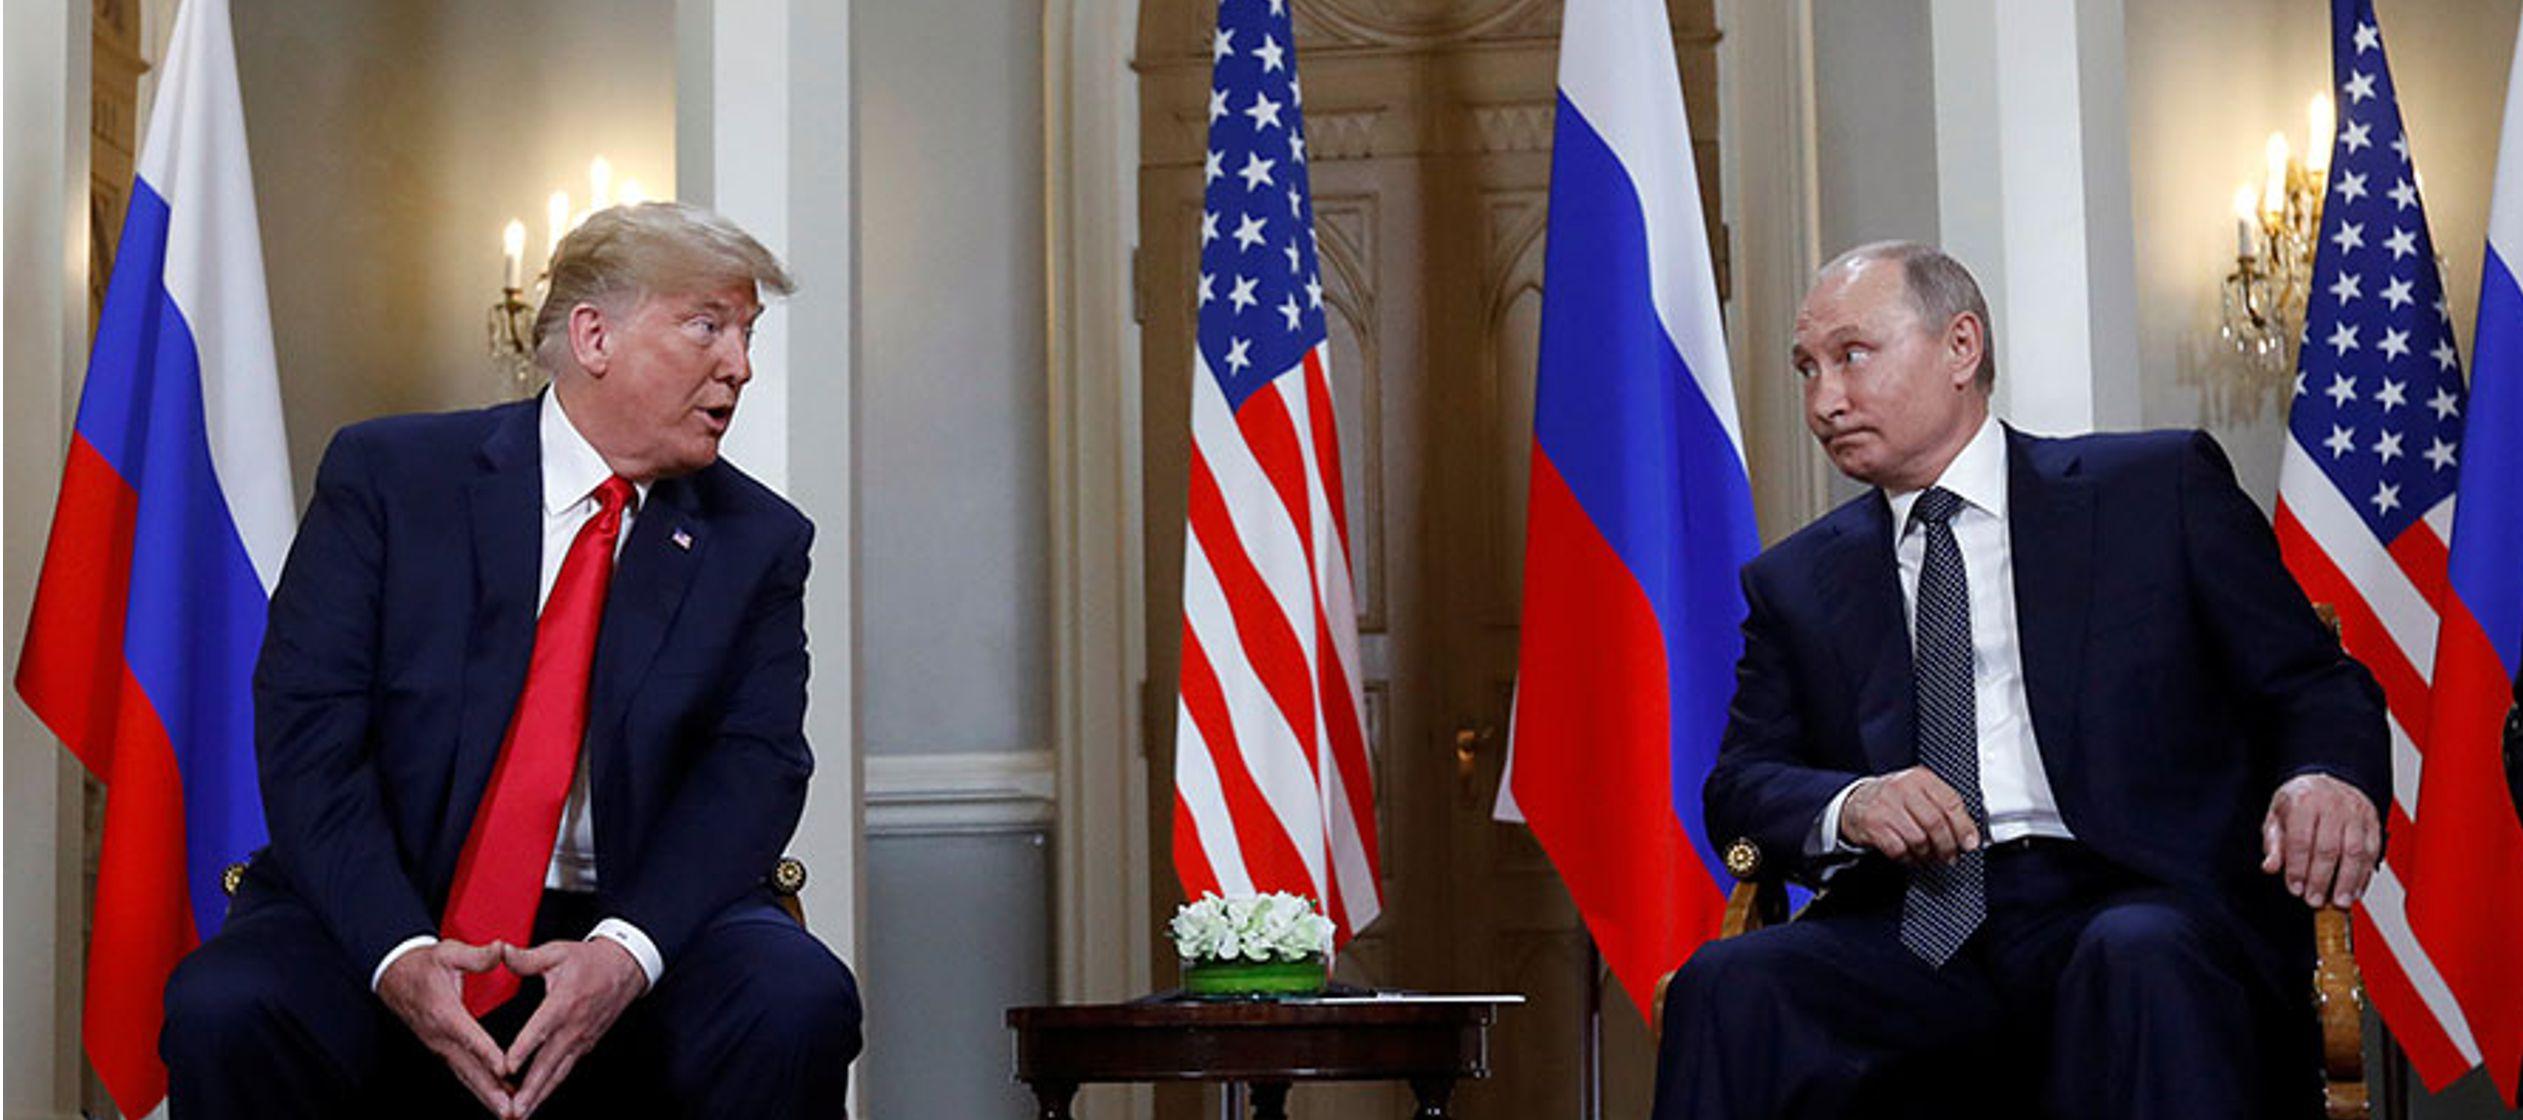 Por su parte, el mandatario ruso aseguró que Israel ocupó buena parte de las cuatro...